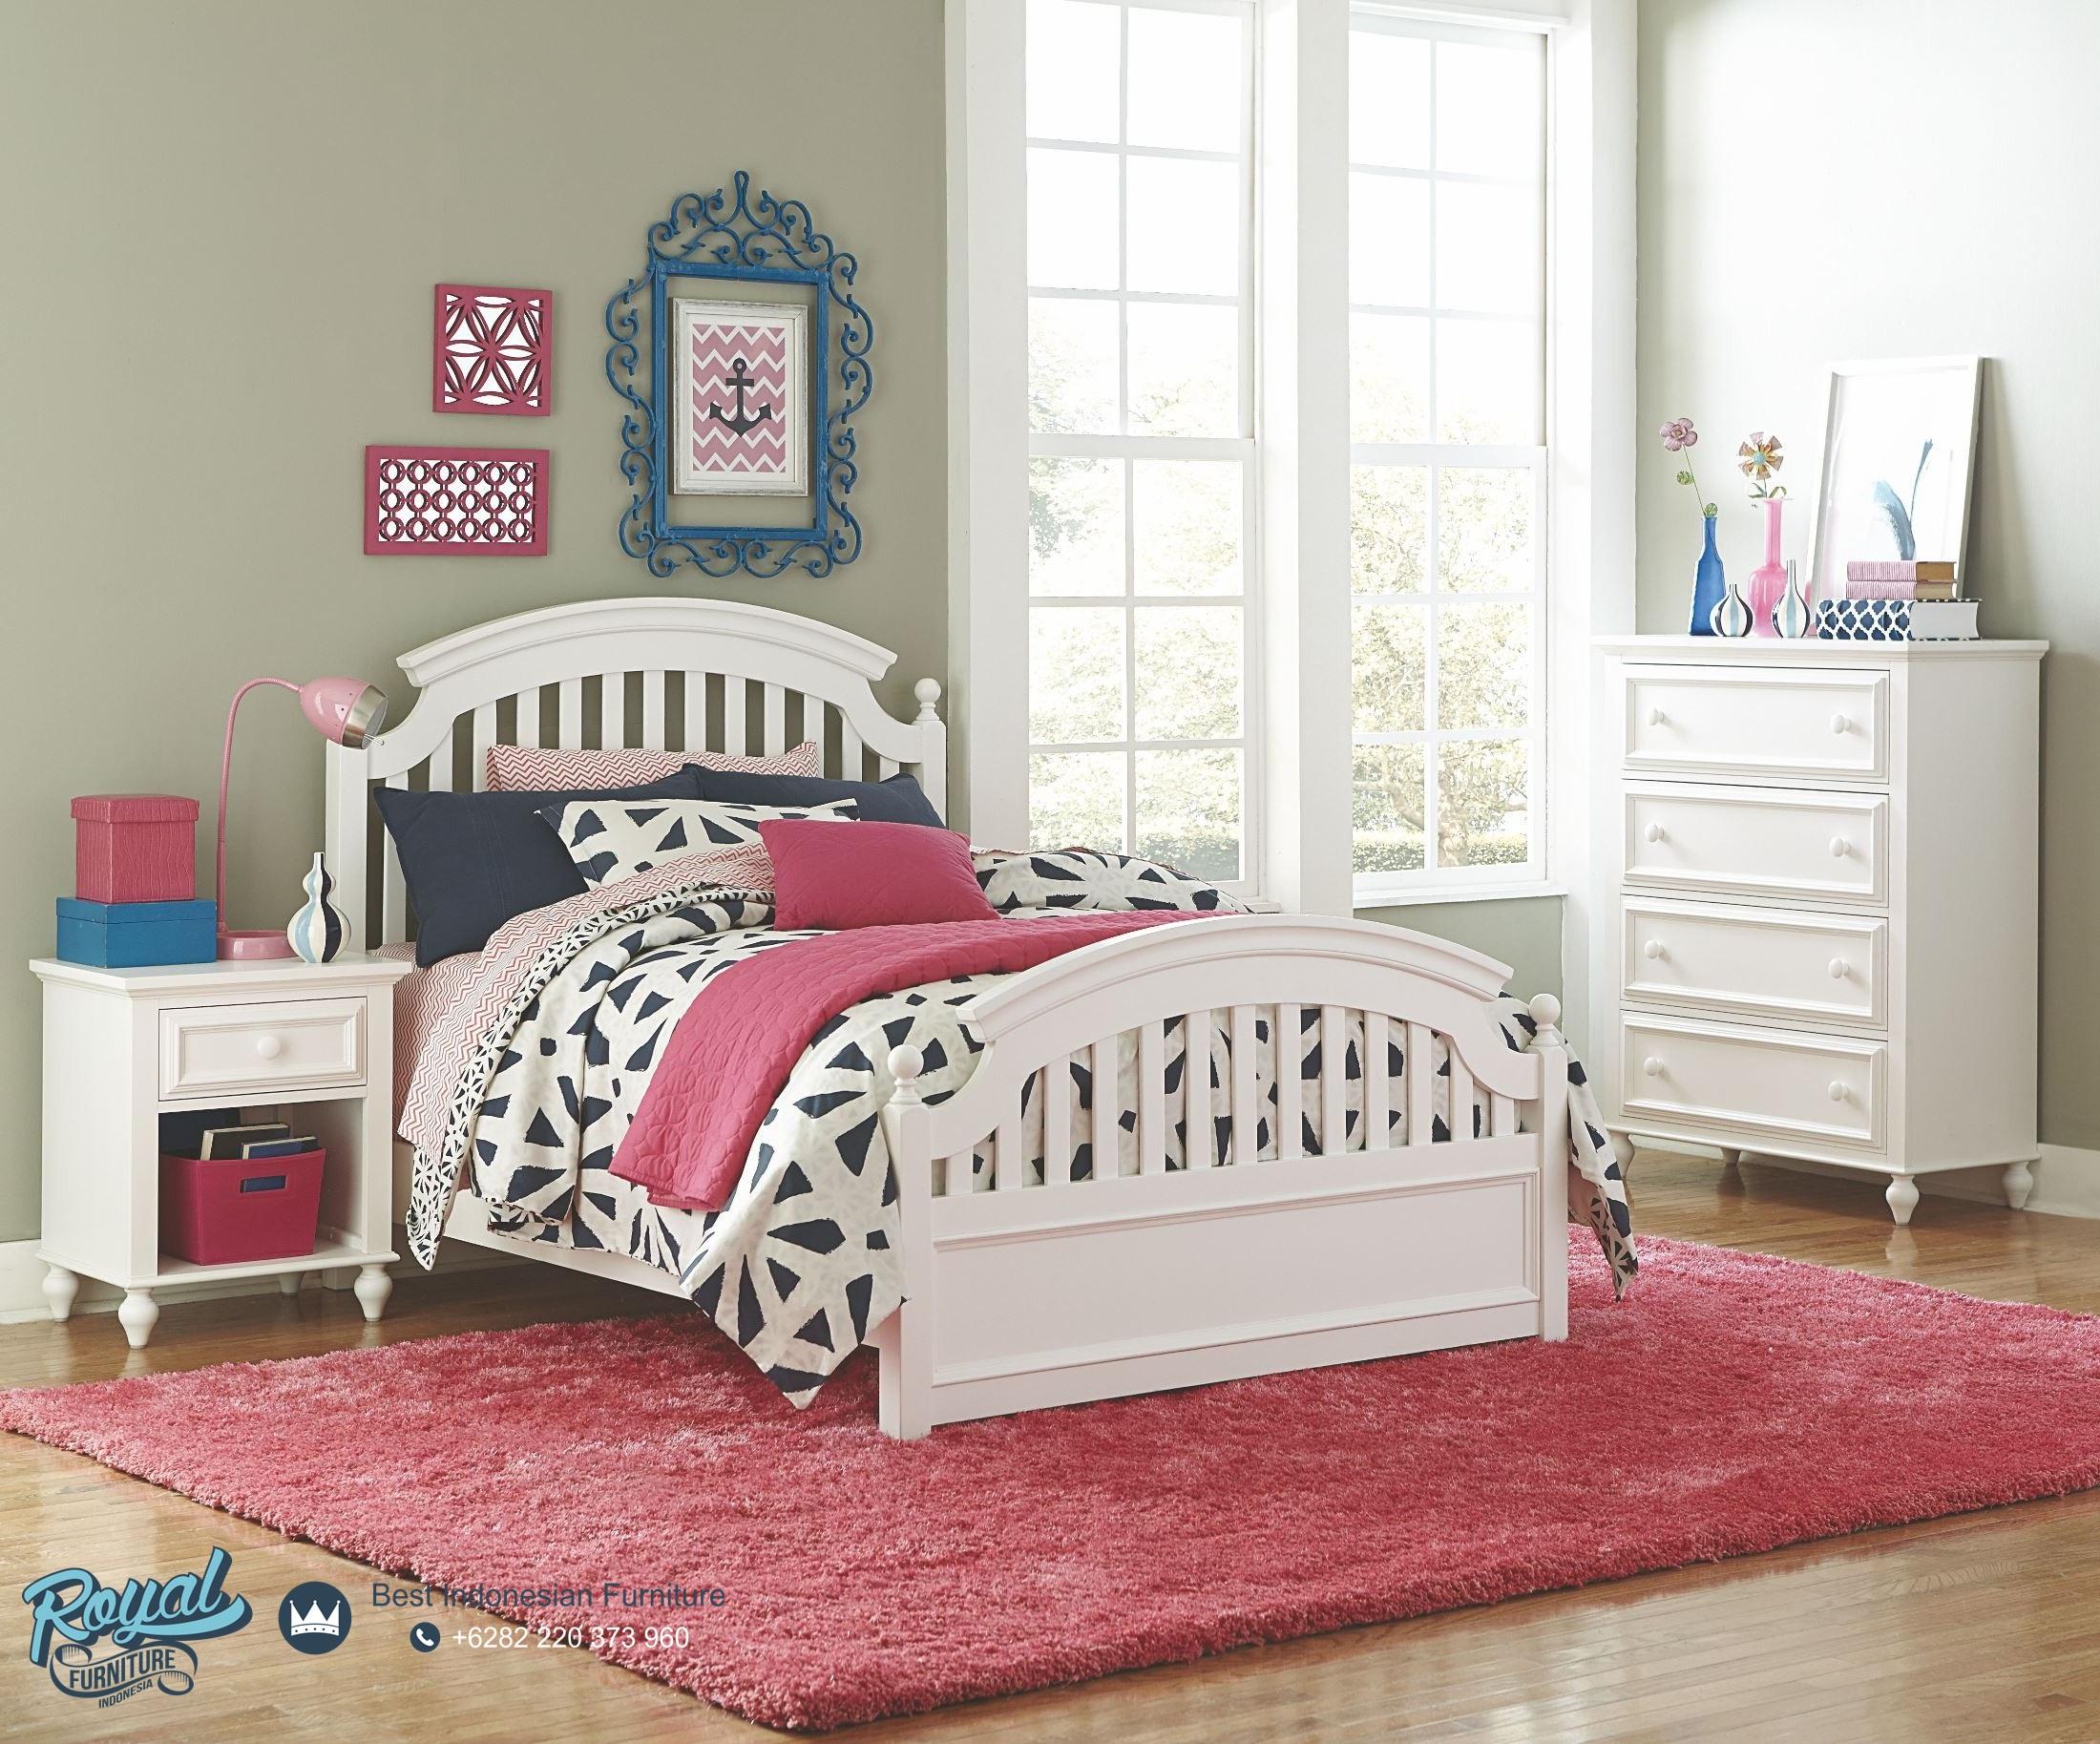 Set Kamar Tidur Anak Minimalis Modern Terbaru White Finish Royal